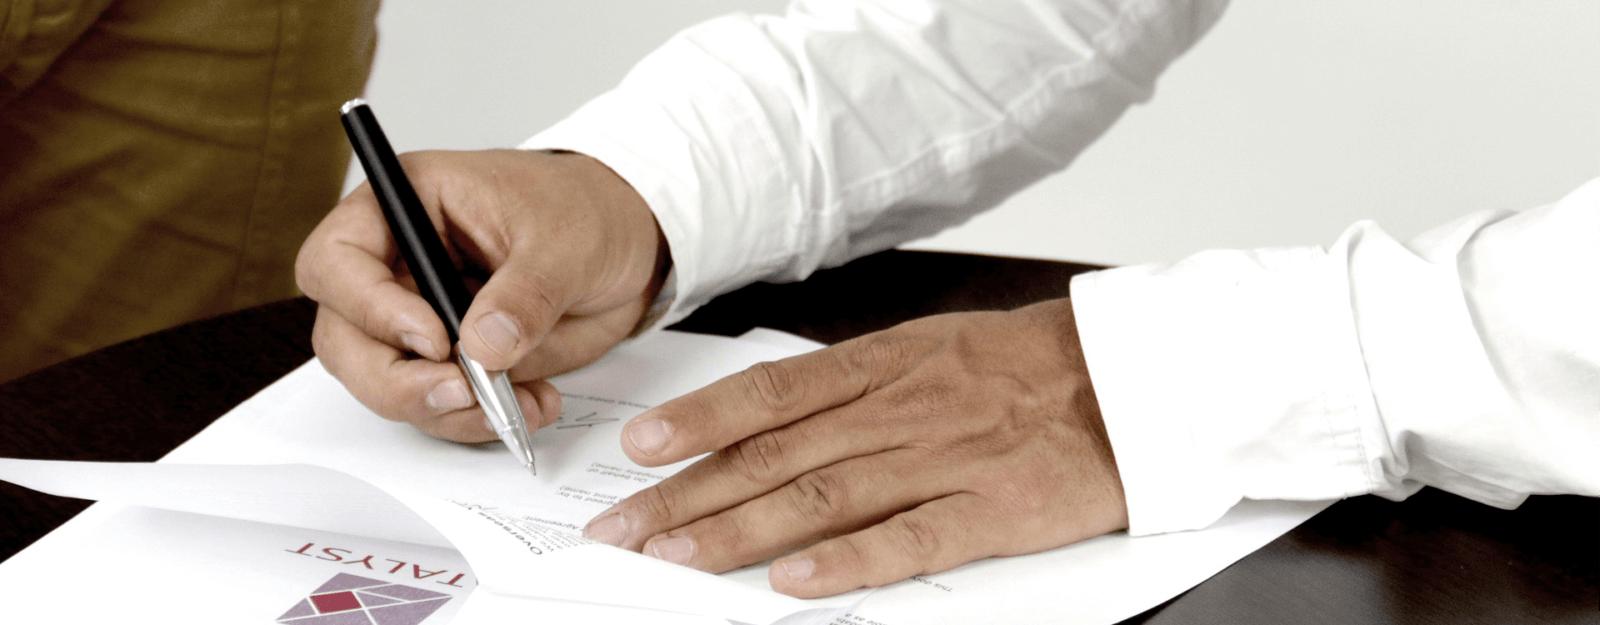 оказание юридических услуги бизнесу